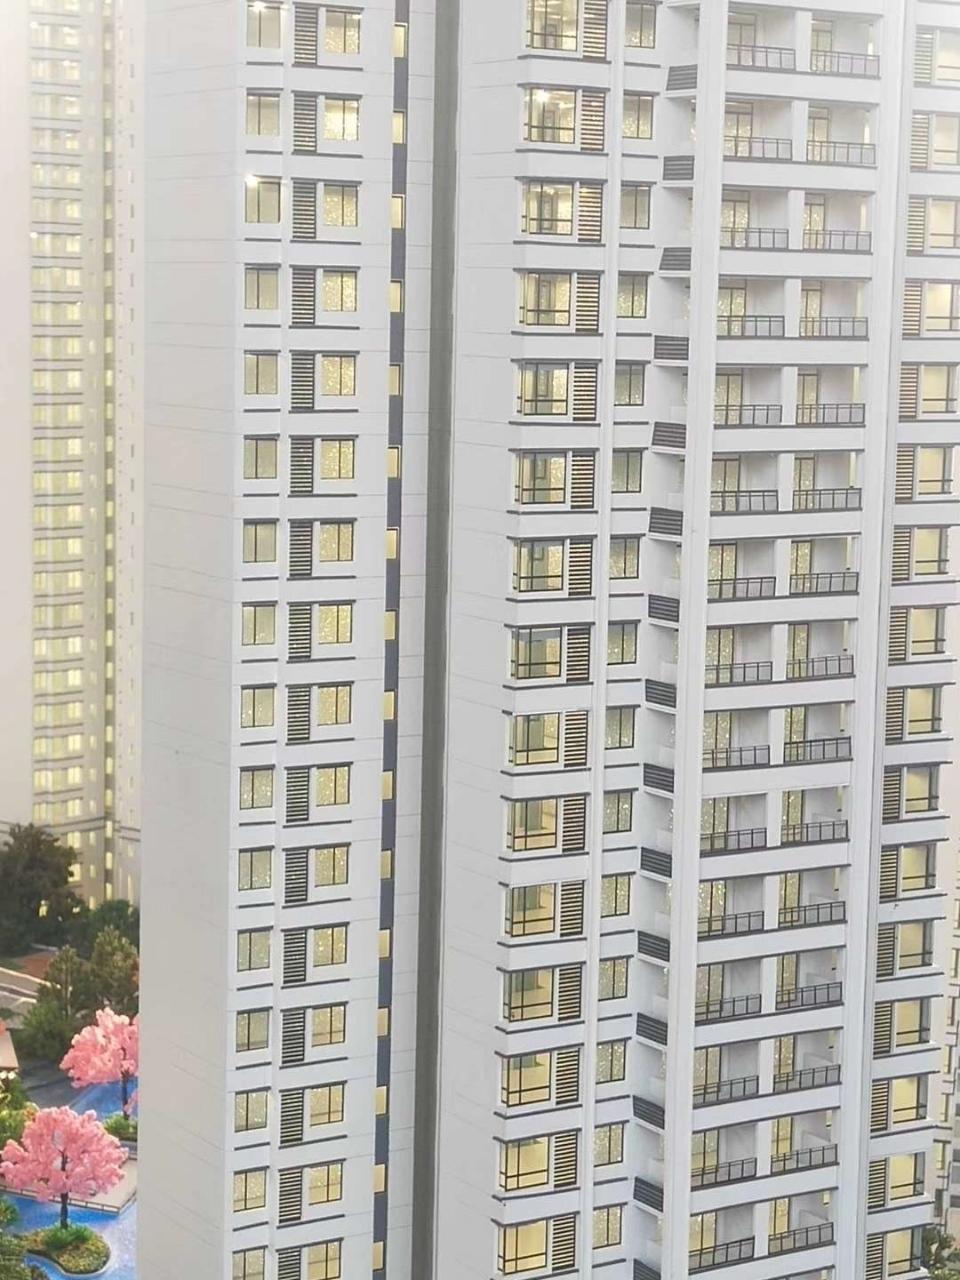 香朗基香颂天府 (住宅)3室 2厅 2卫120万元